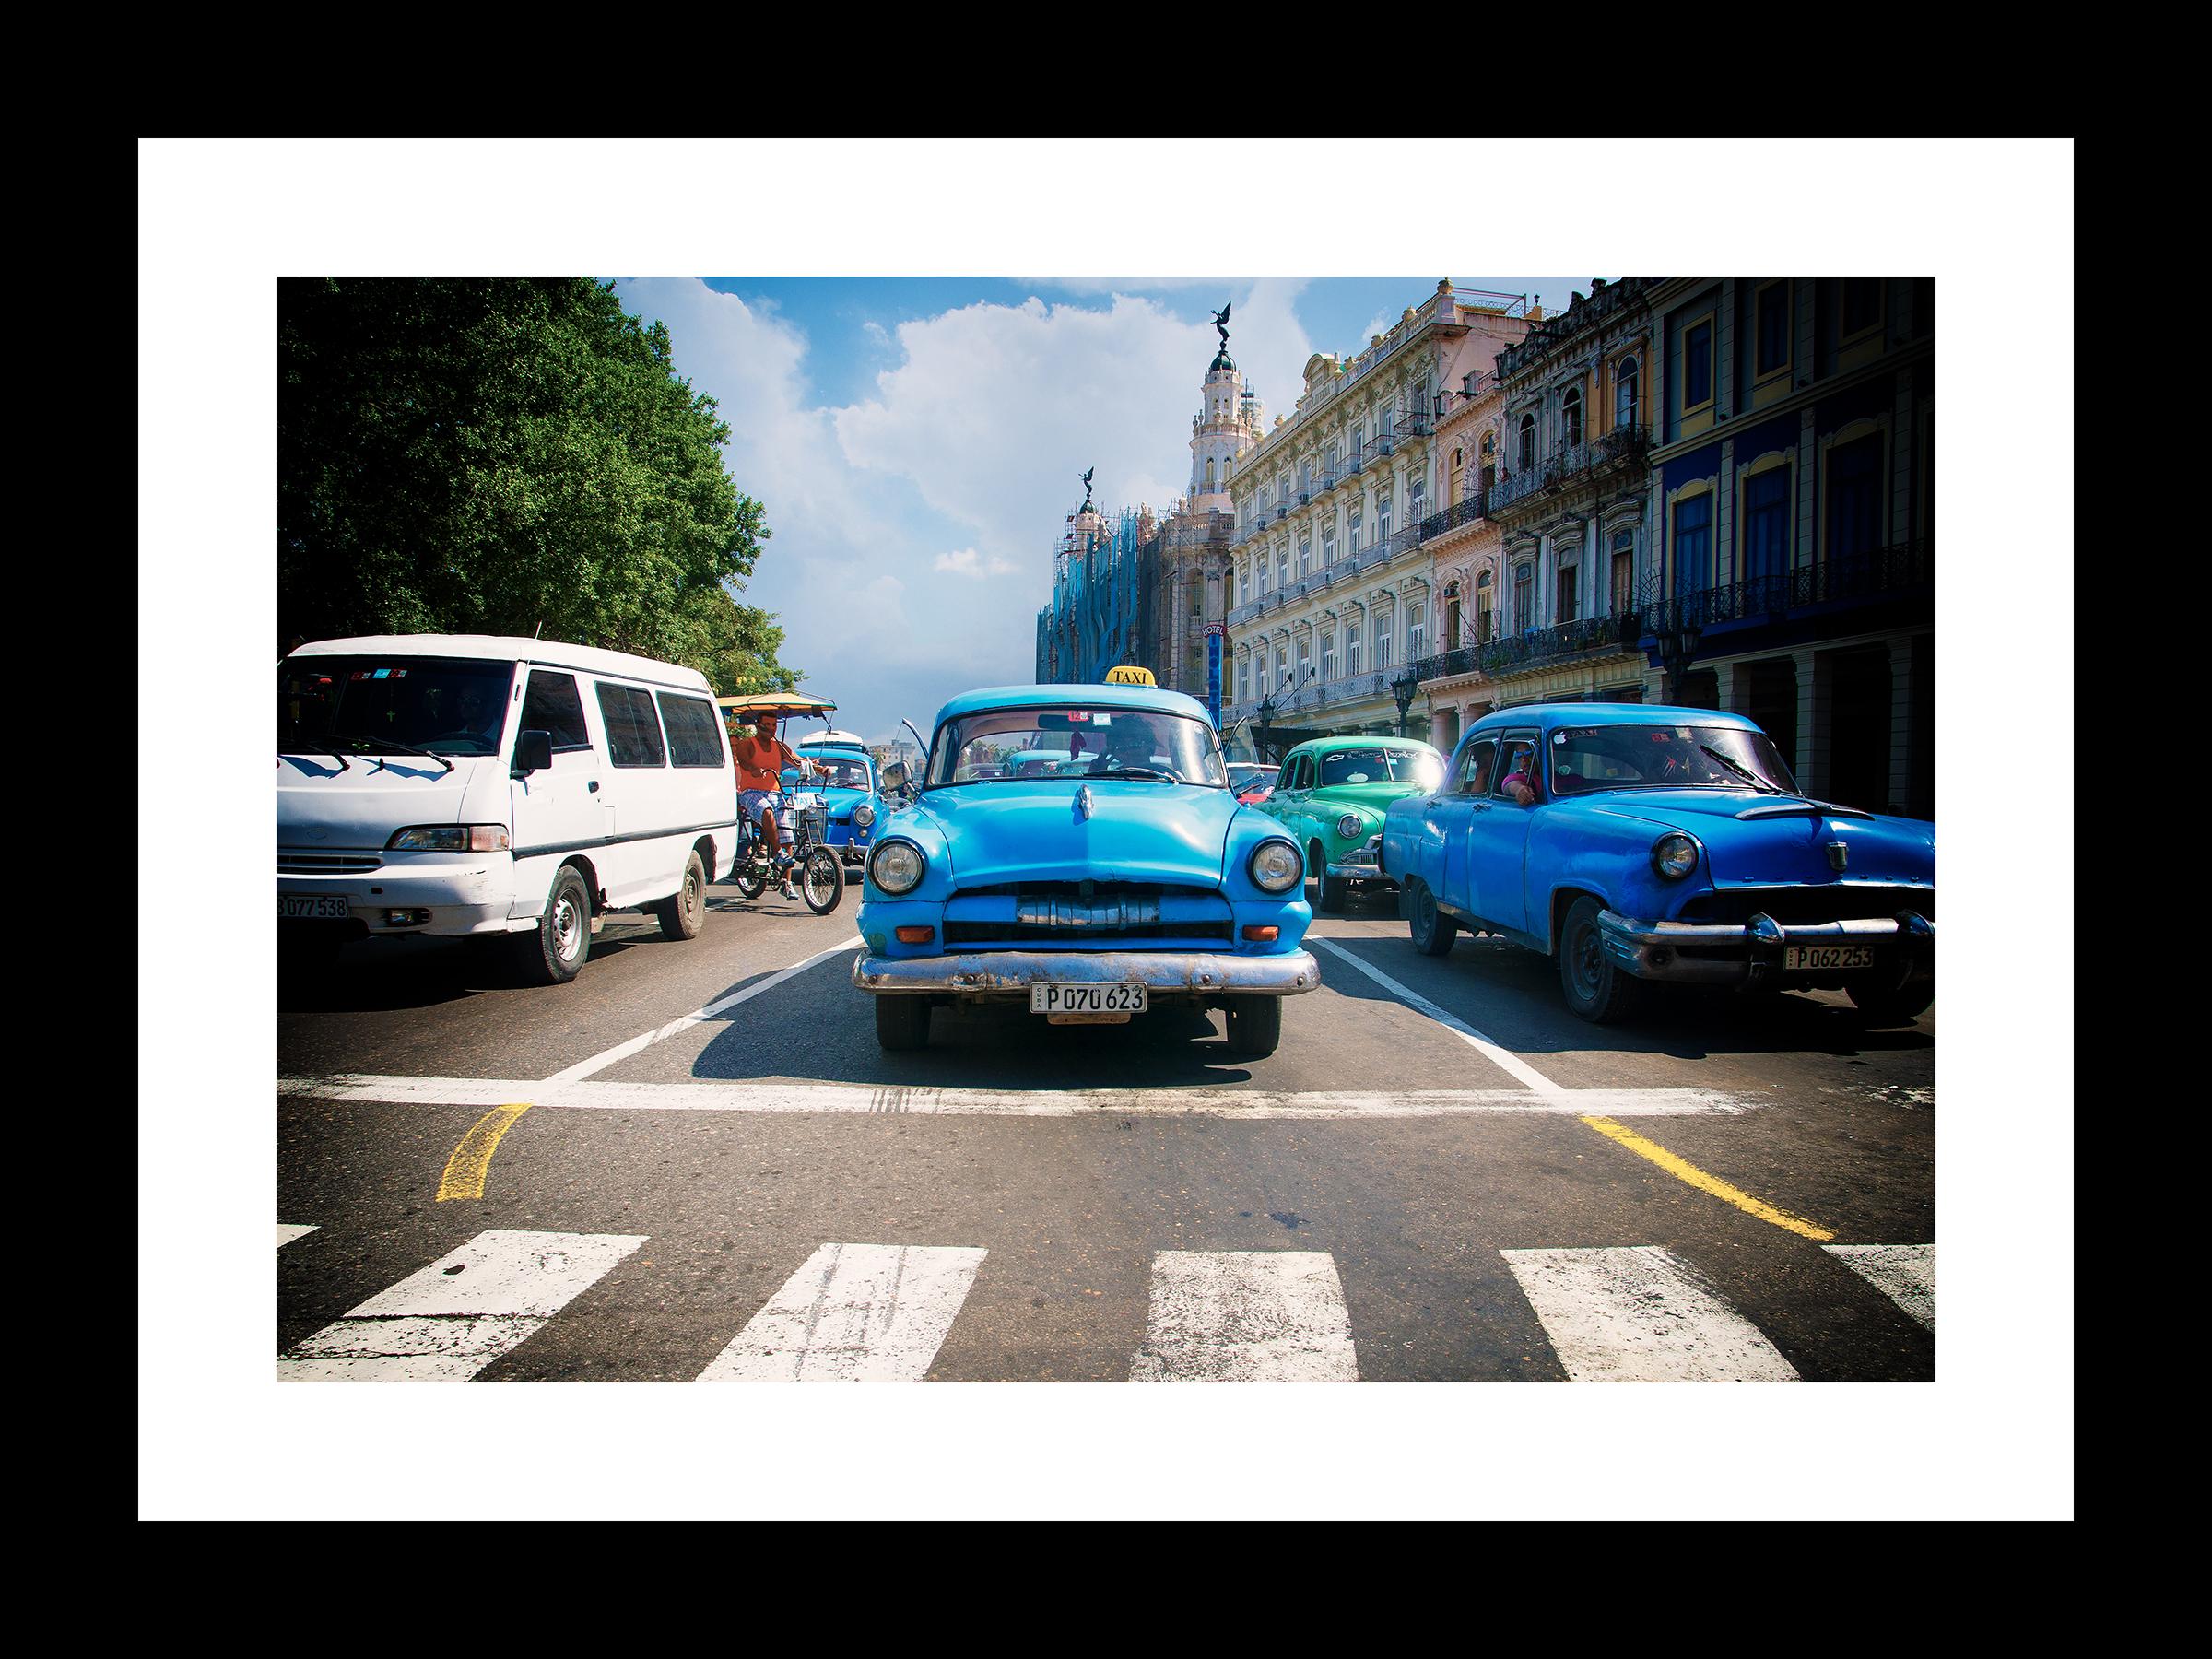 Dreamland taxi service   © preston lewis thomas